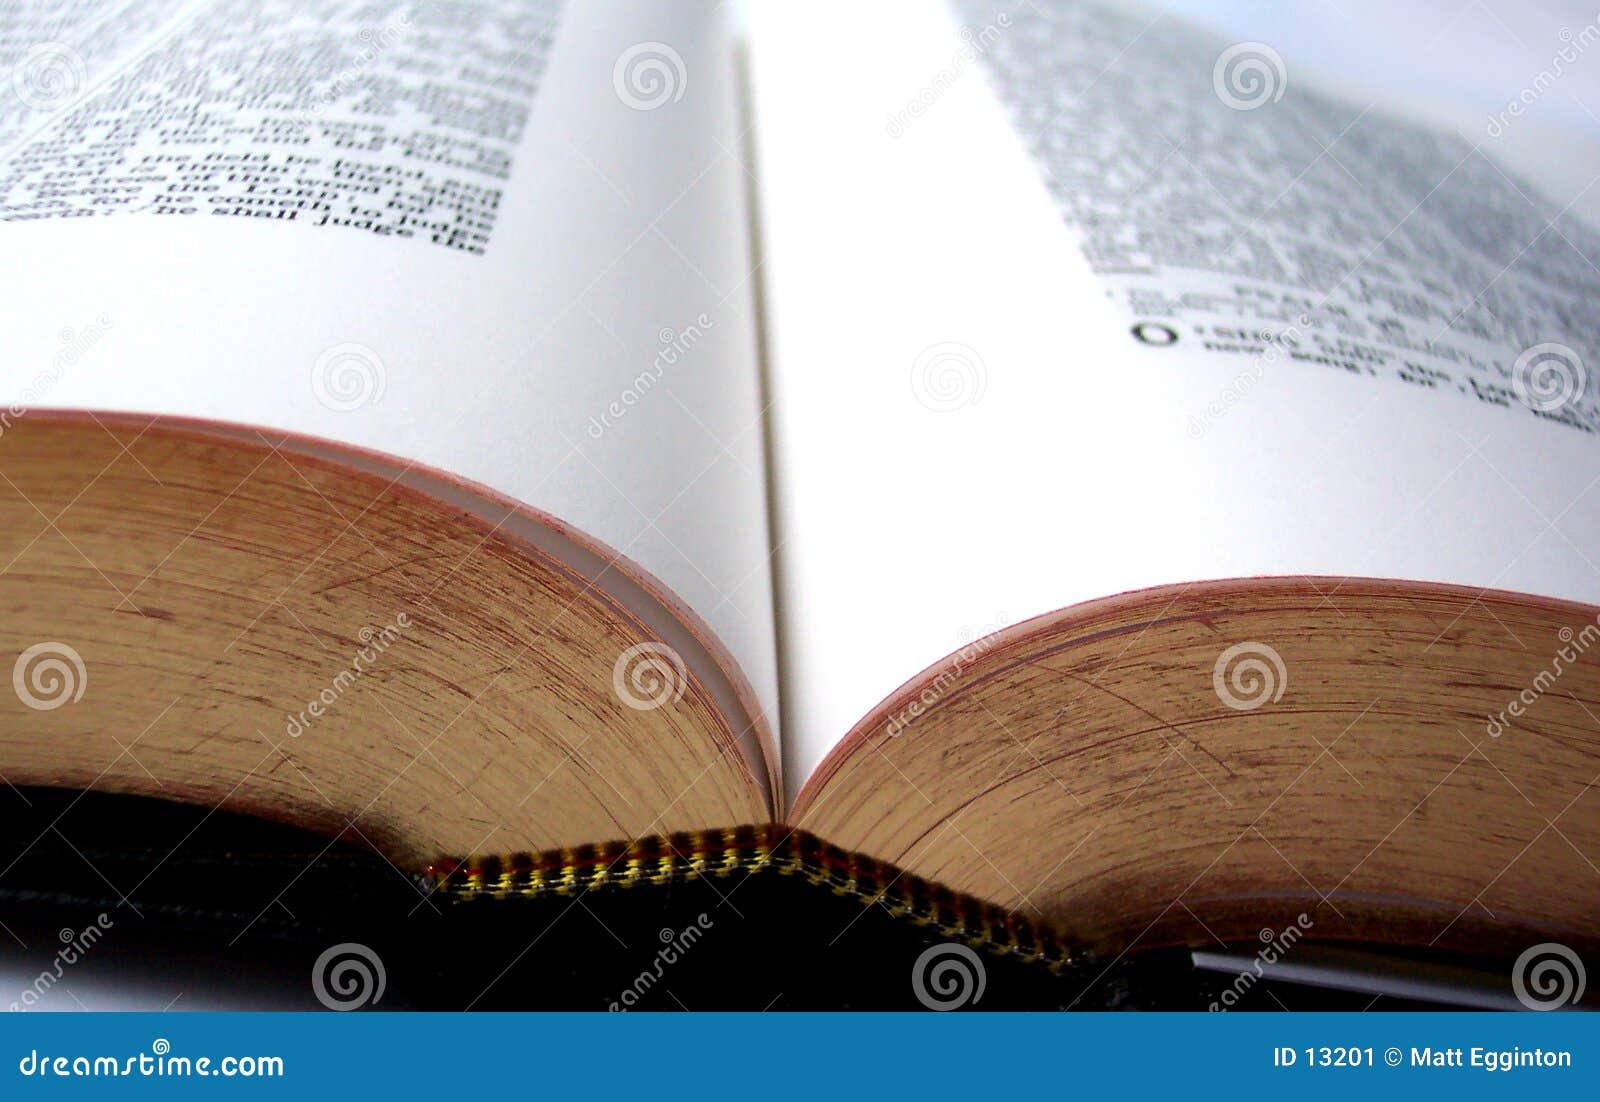 библия открытая